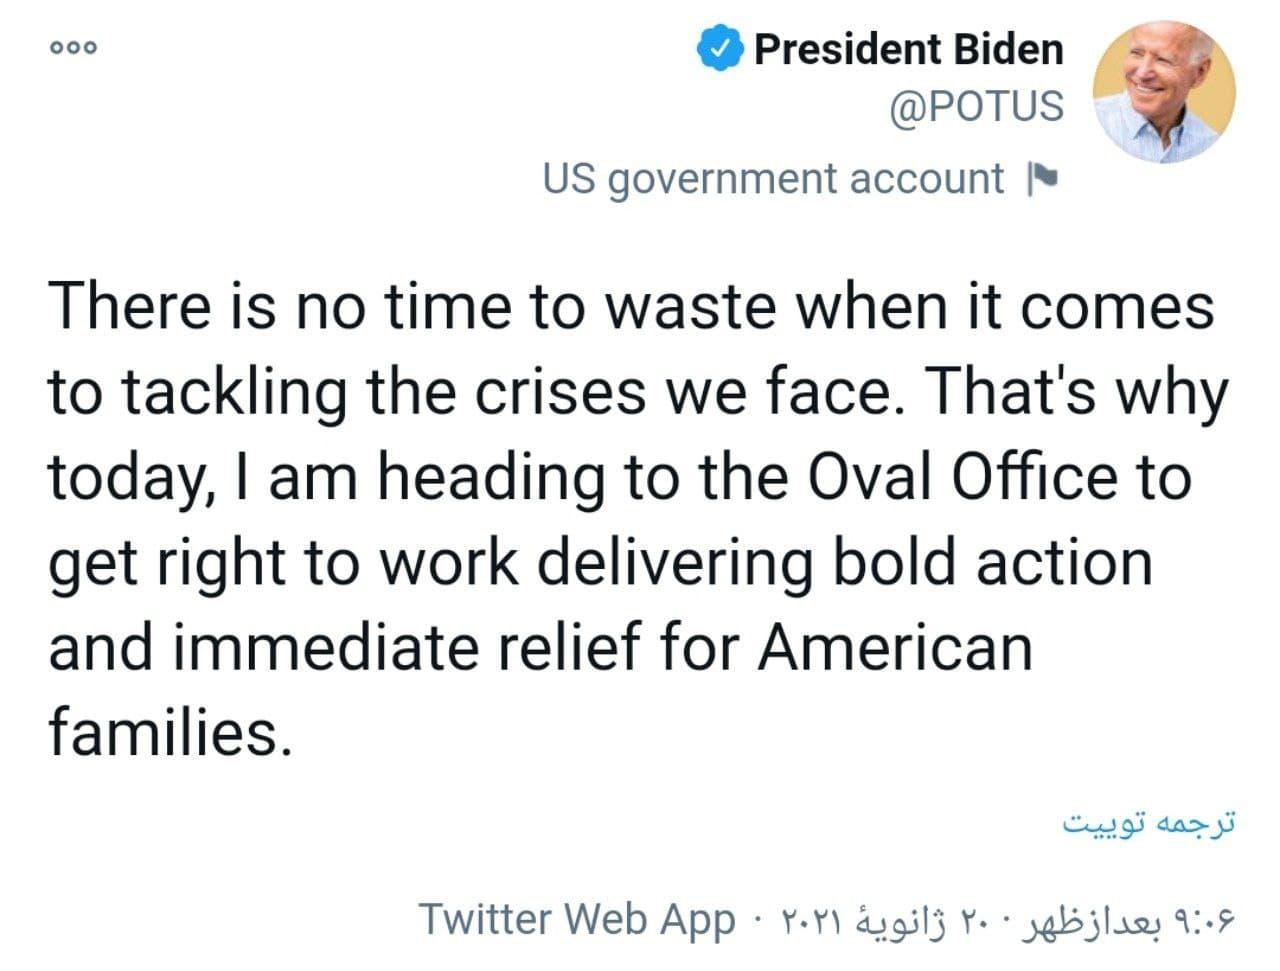 اولین پست توئیتری بایدن در قامت رئیس جمهور آمریکا